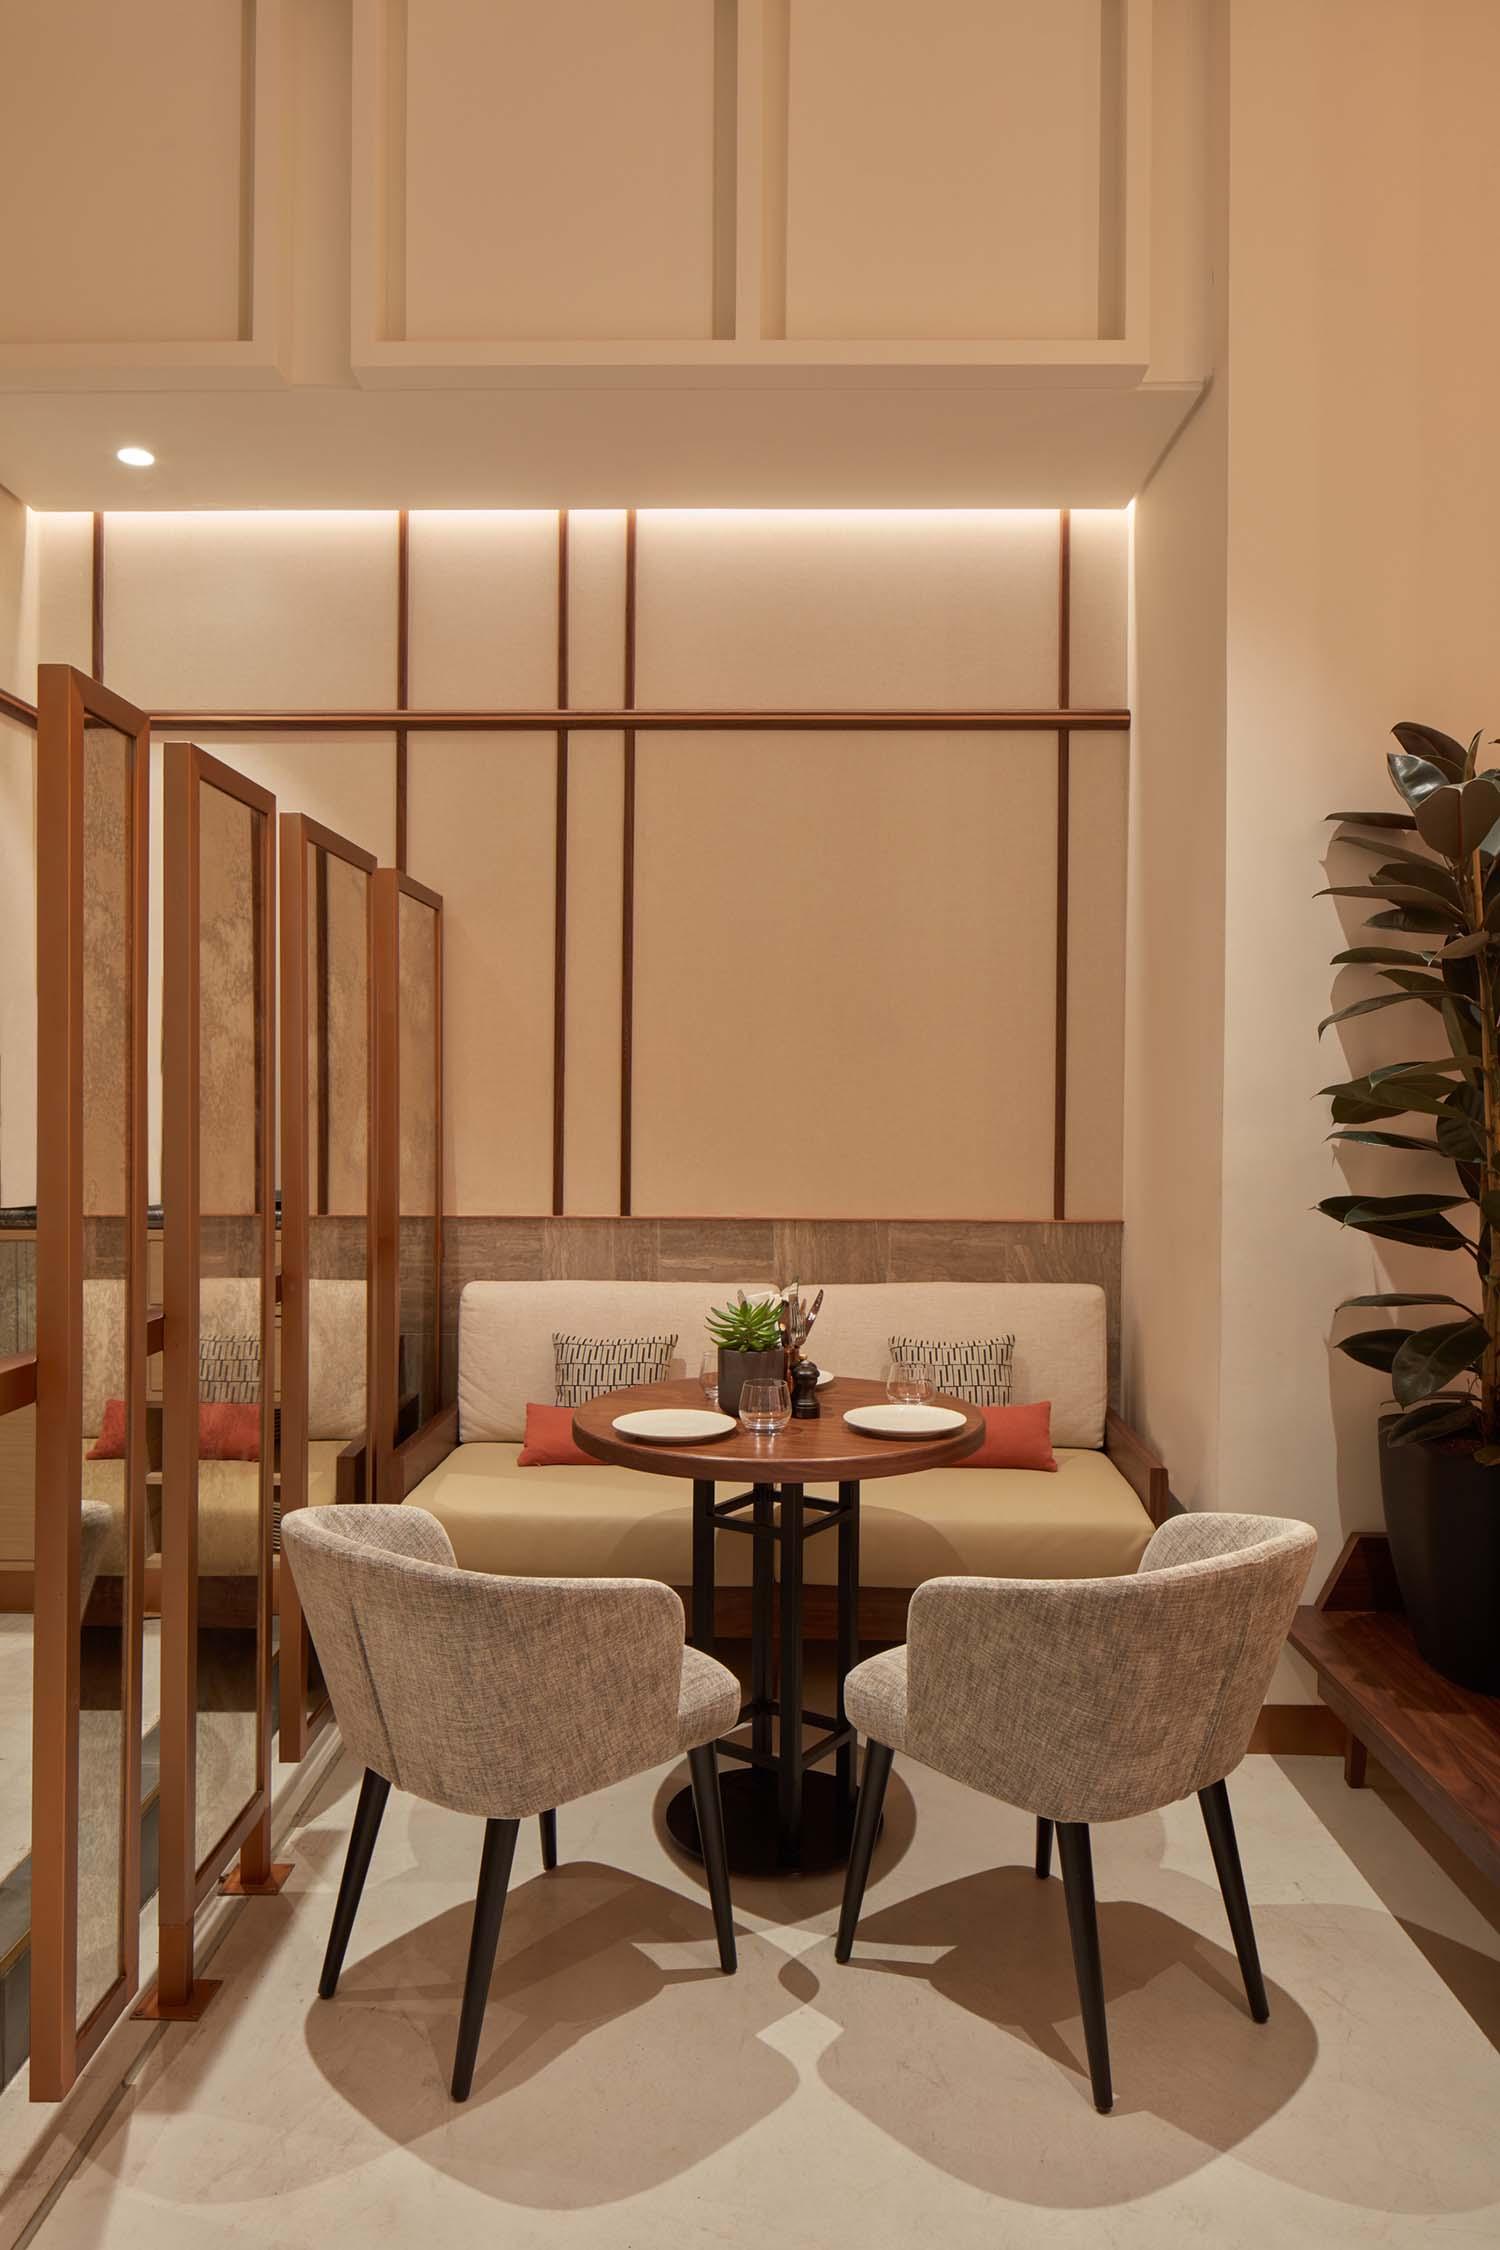 Asma-Interior Design UAE